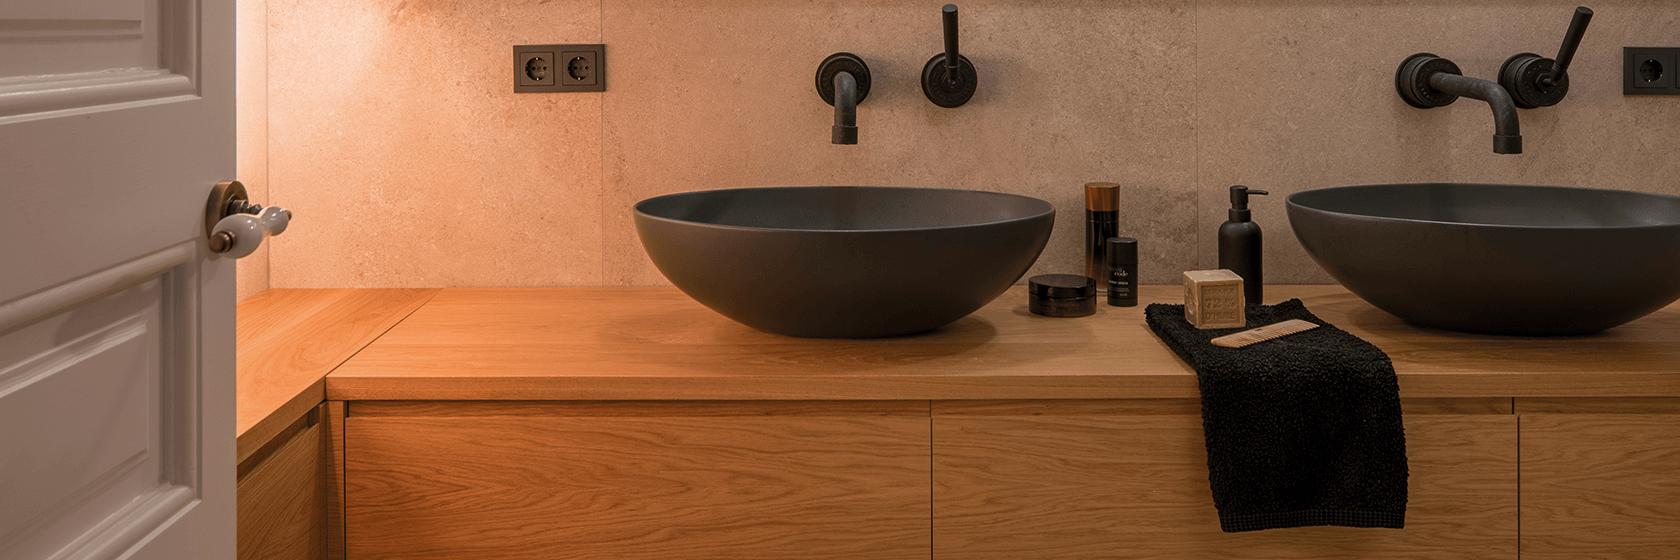 Dissenyant espai en el nostre bany | The Room Studio